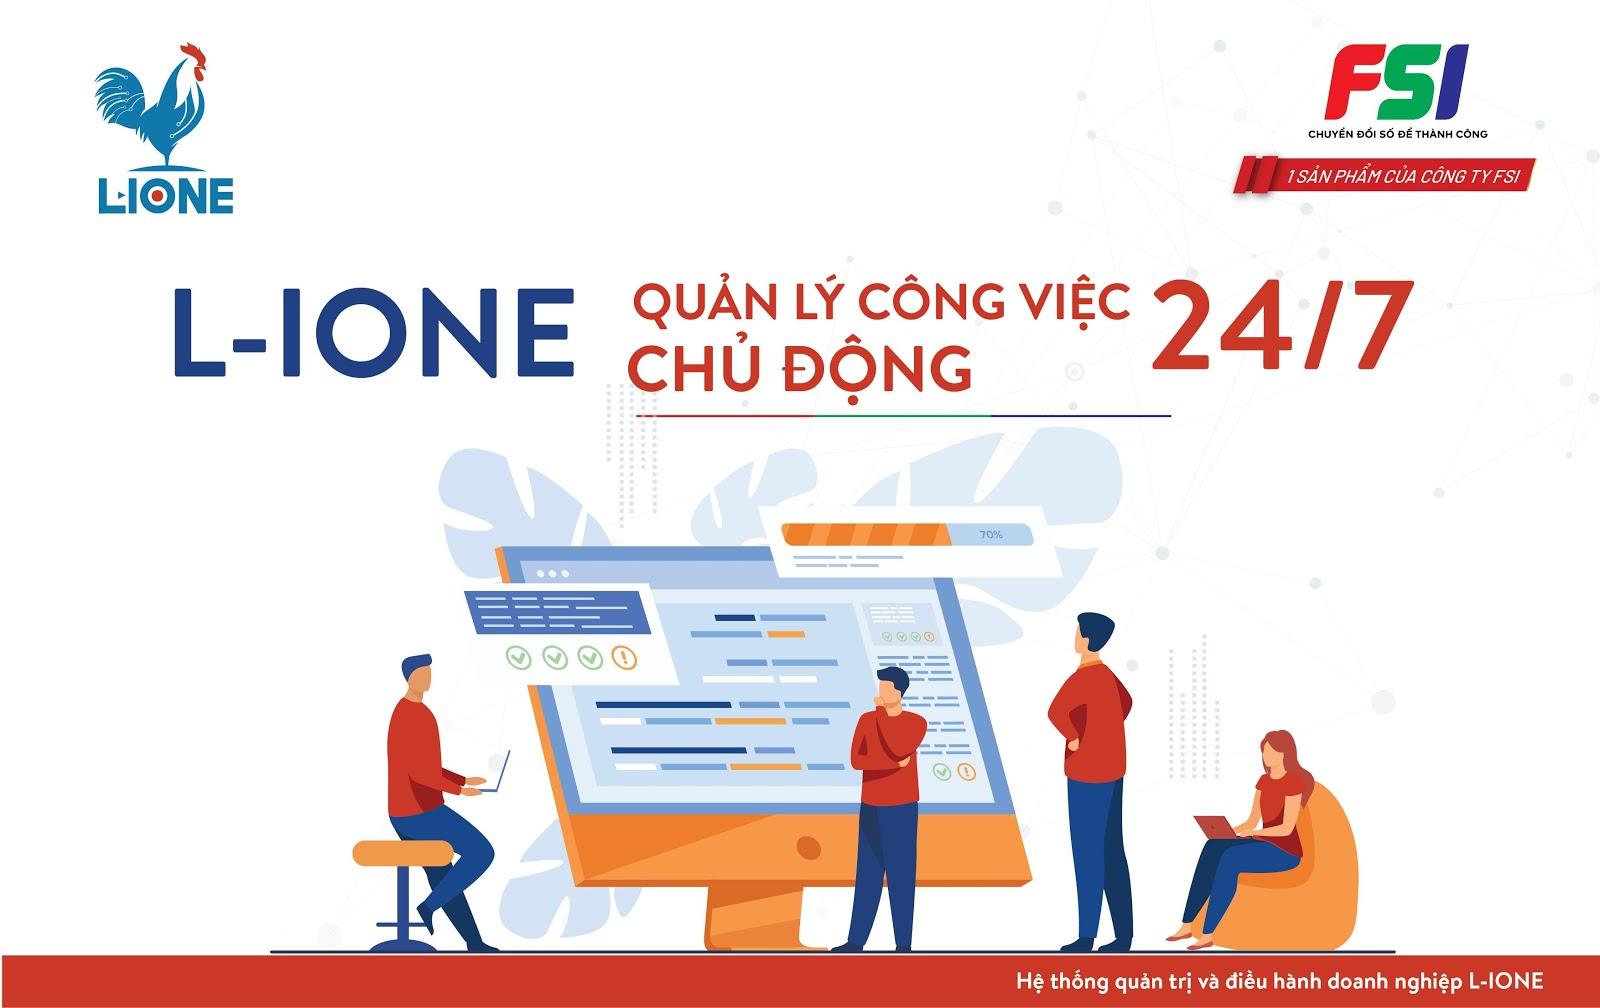 L-IONE giúp tiết kiệm đáng kể thời gian và chi phí vận hành so với mô hình vận hành doanh nghiệp truyền thống